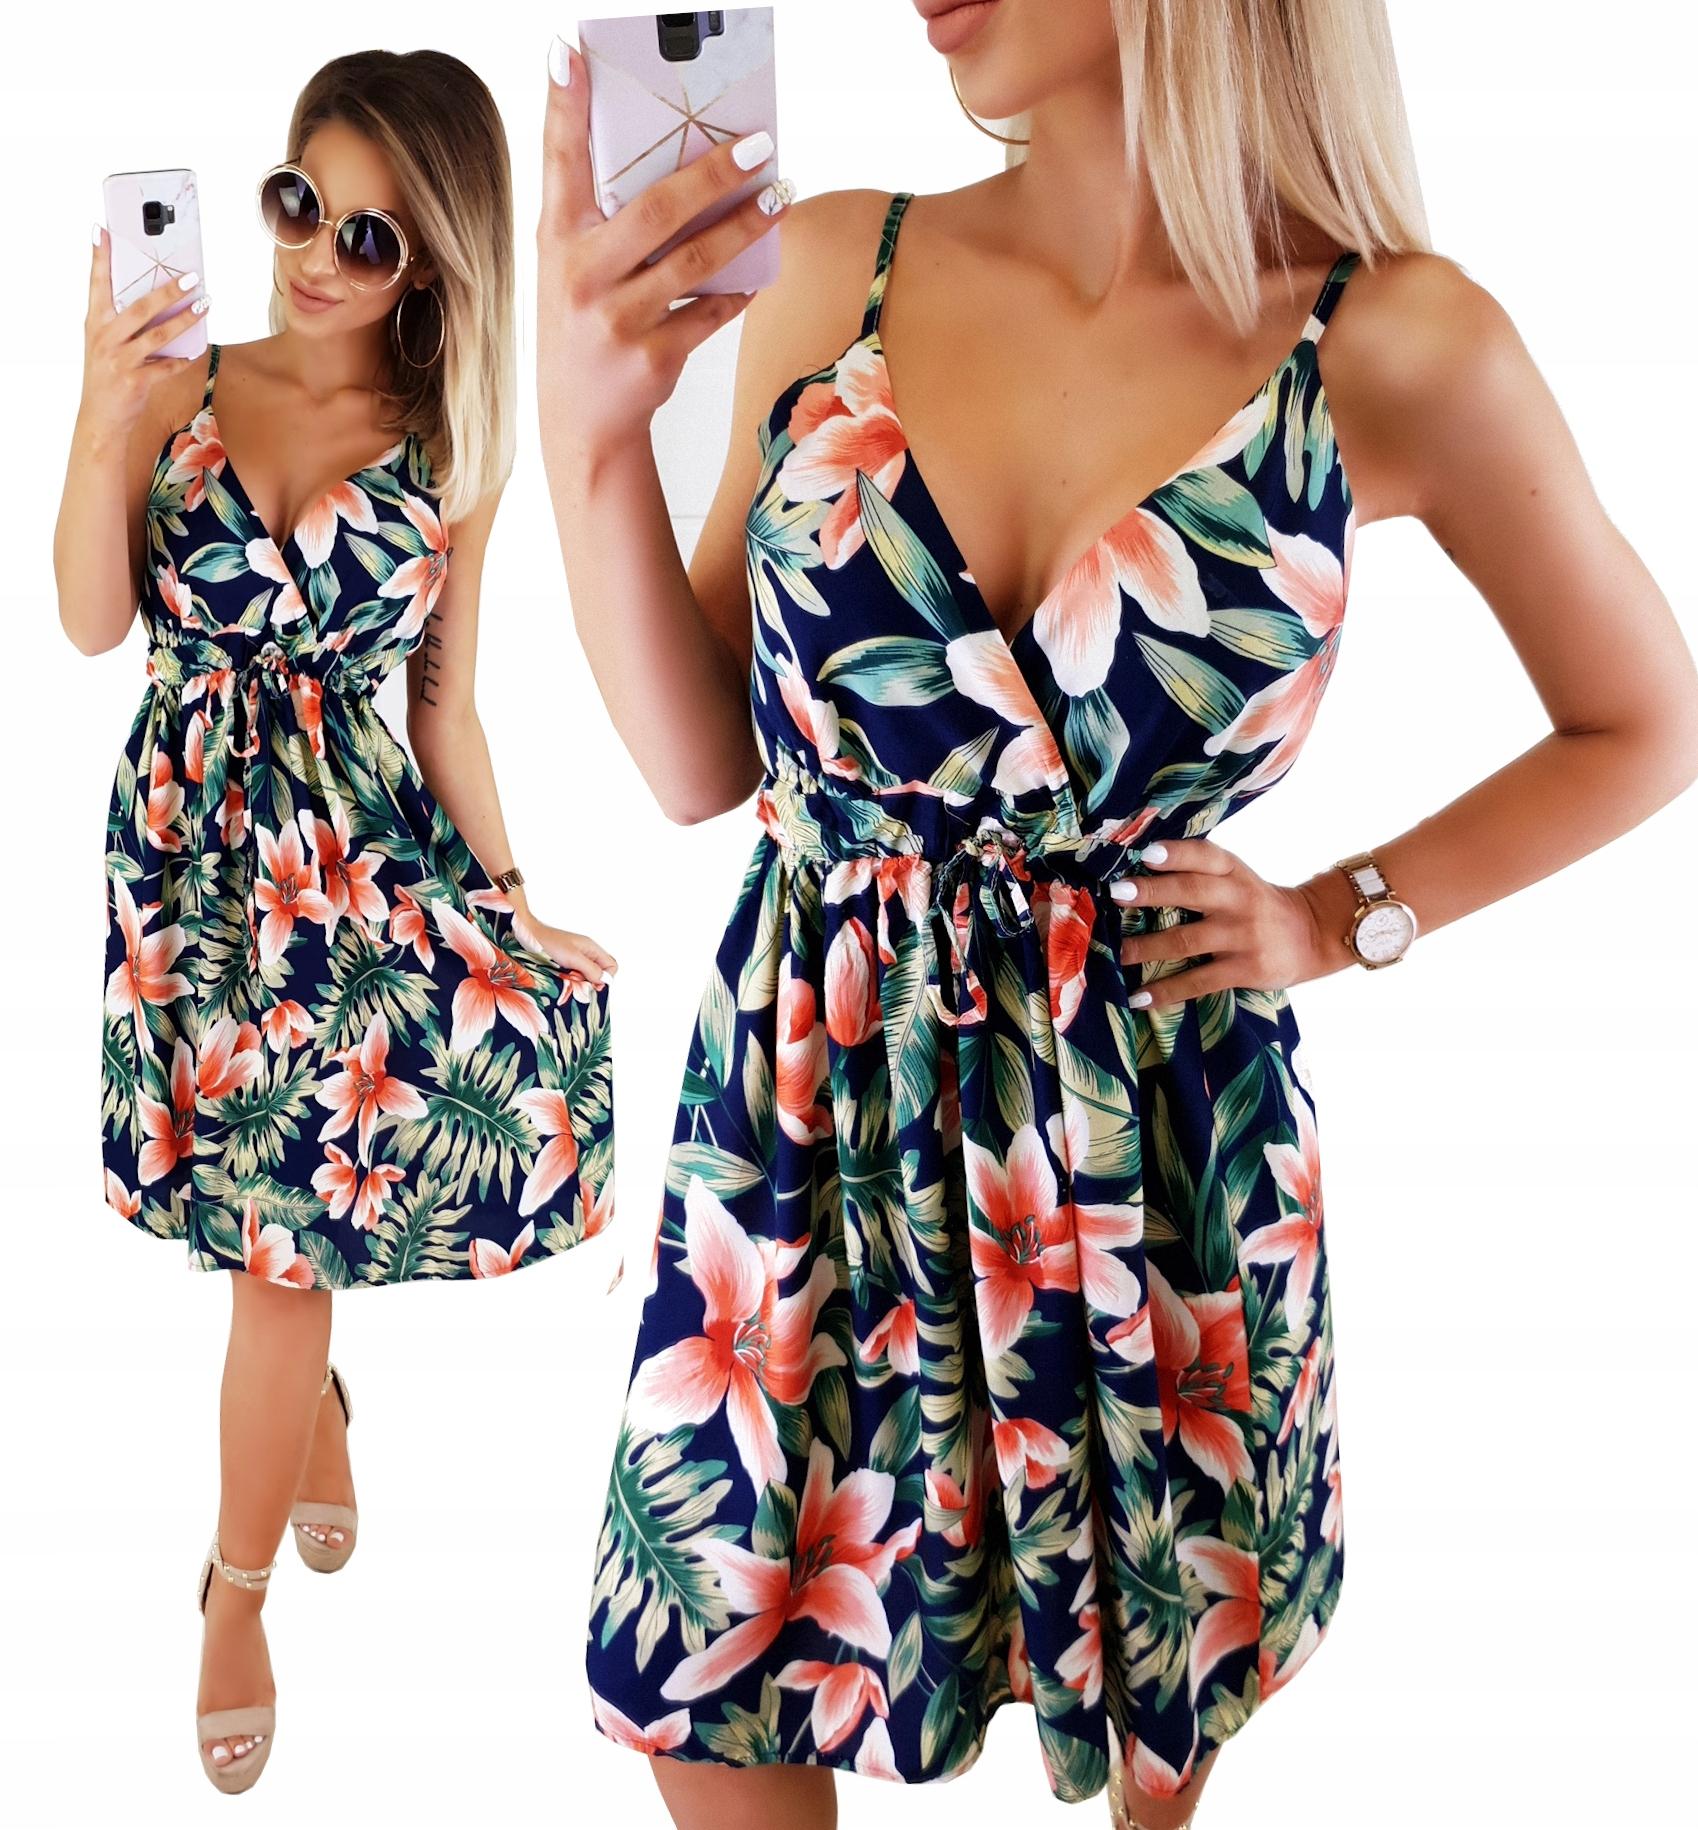 Романтическое гибридное платье. Женский декольте цветы